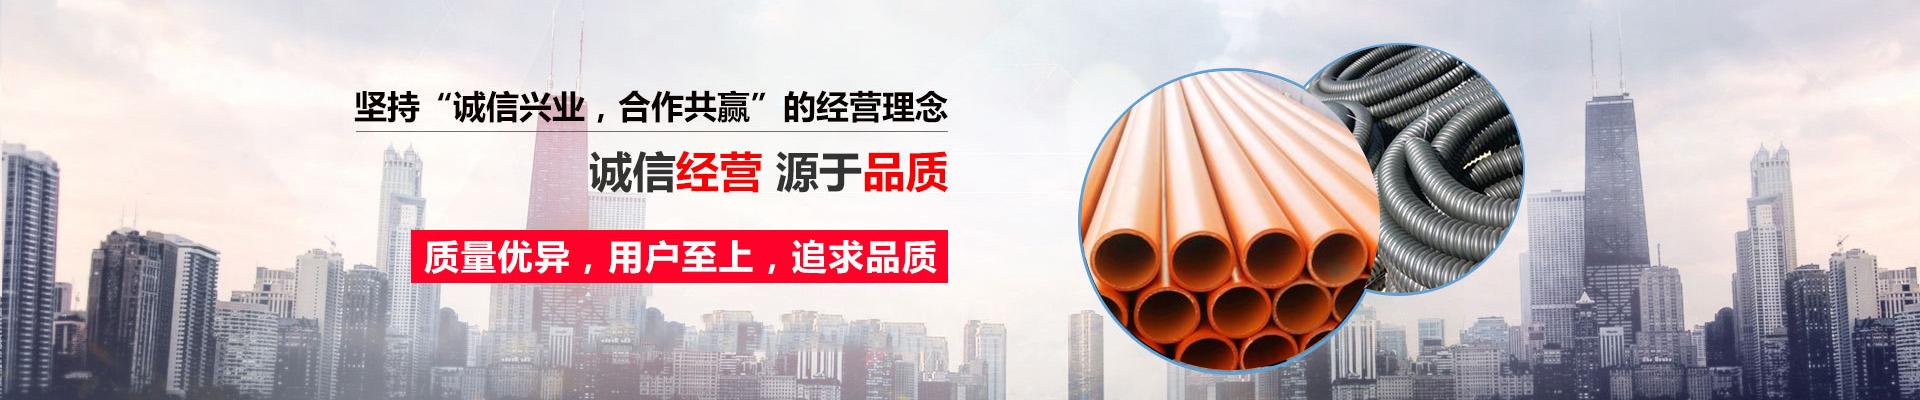 江西鑫磊塑胶管业有限公司